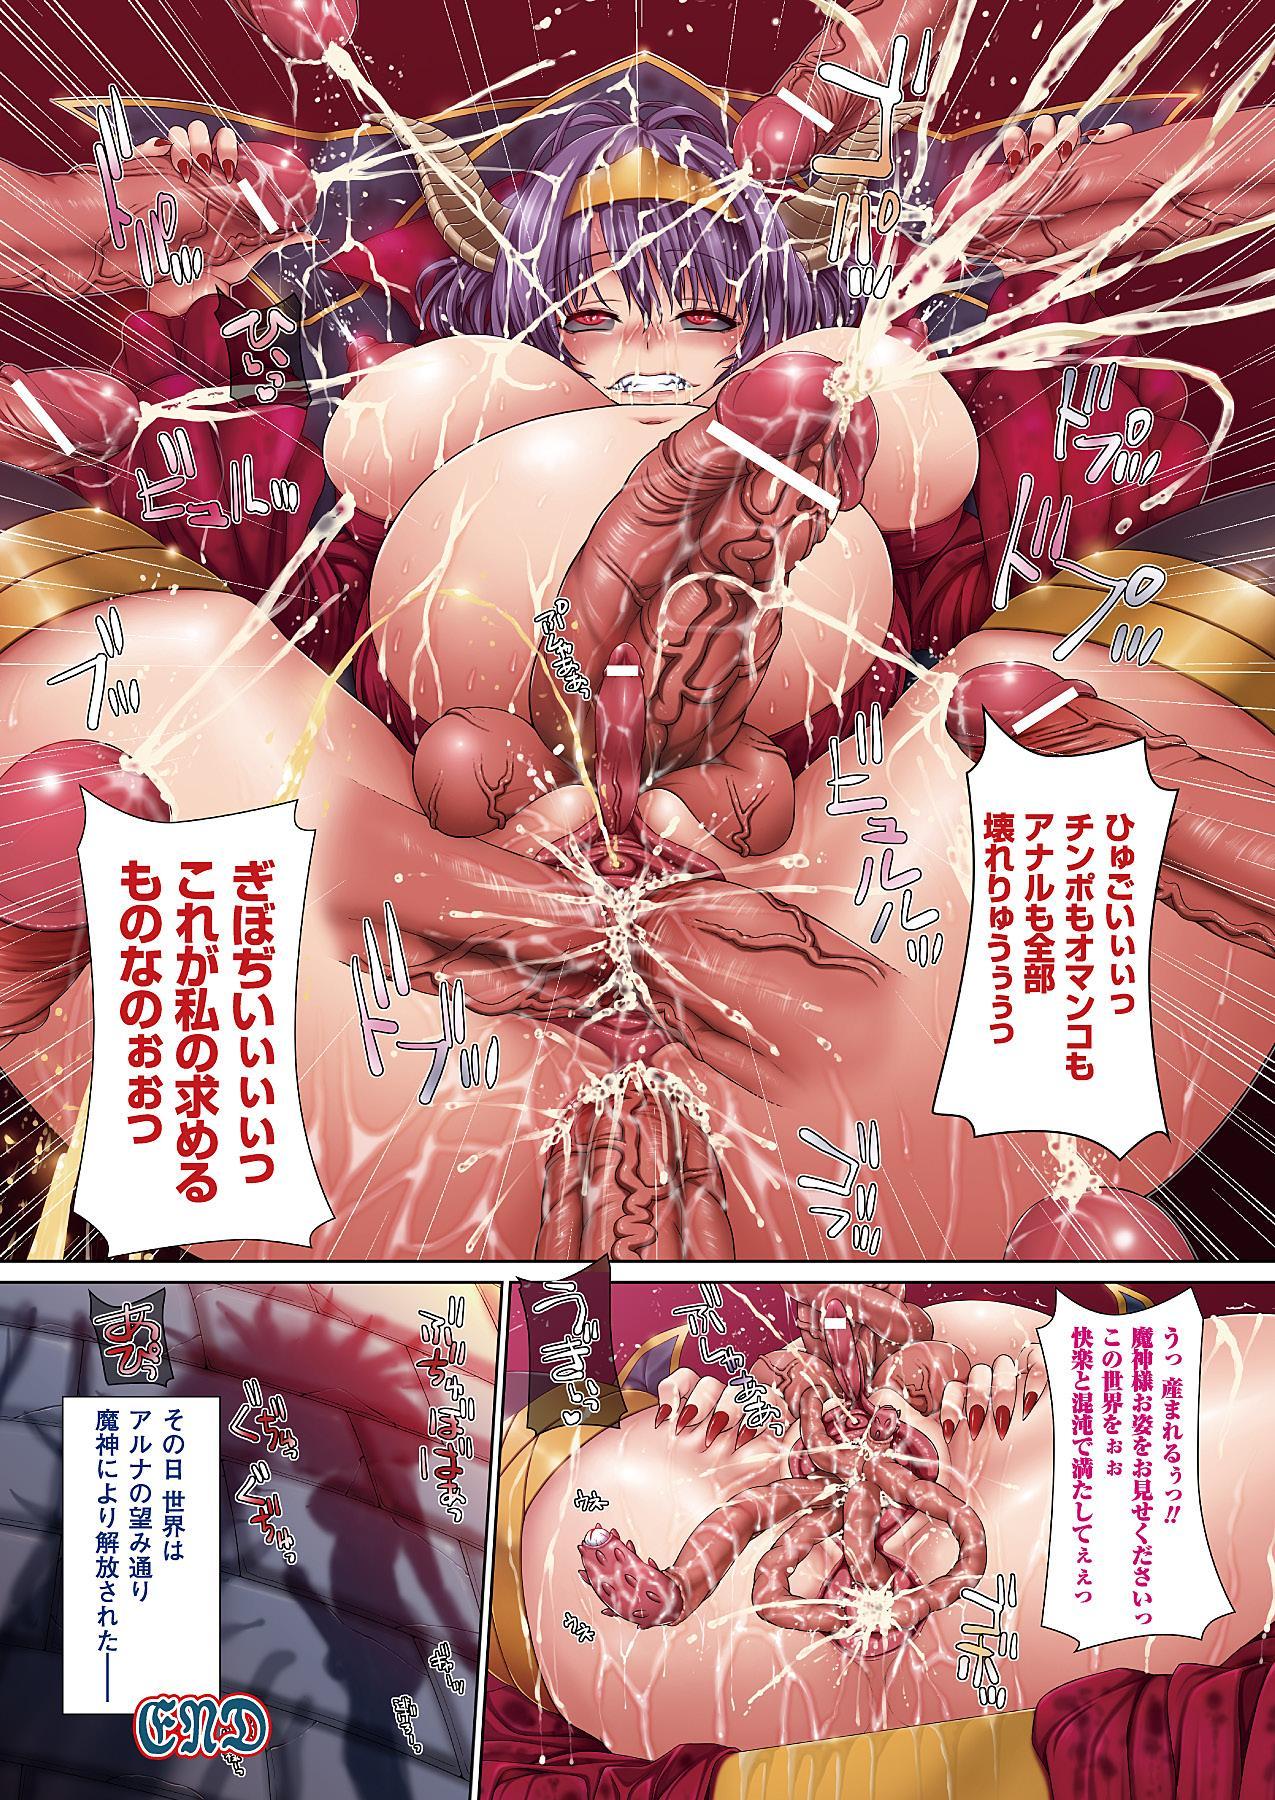 COMIC Unreal 2011-10 Vol.33 13